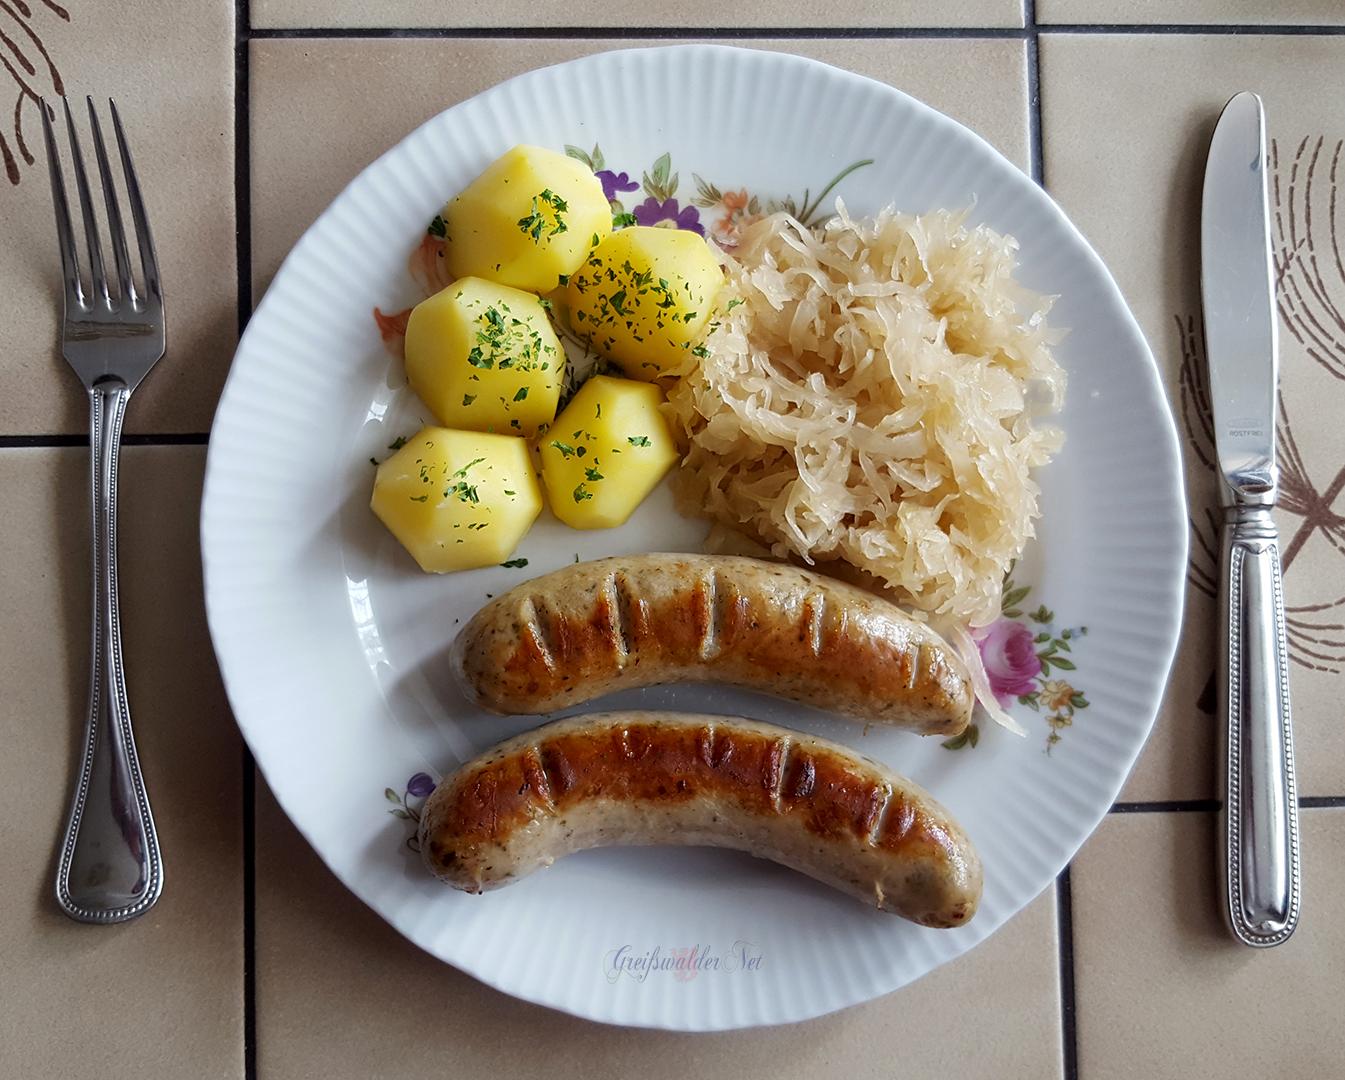 Bratwurst mit Salzkartoffeln und Sauerkraut